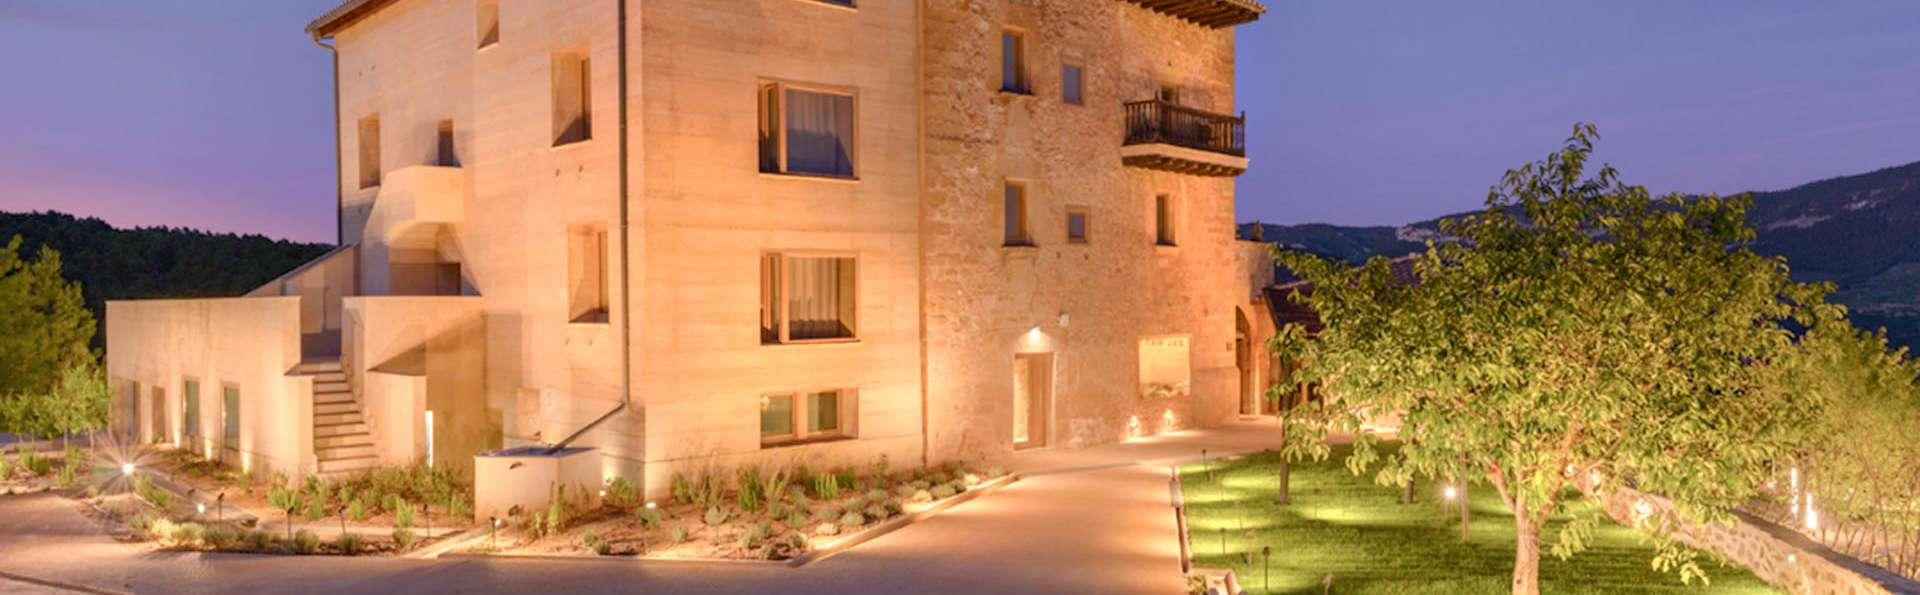 Hotel Torre del Marqués - EDIT_EXTERIOR_04.jpg